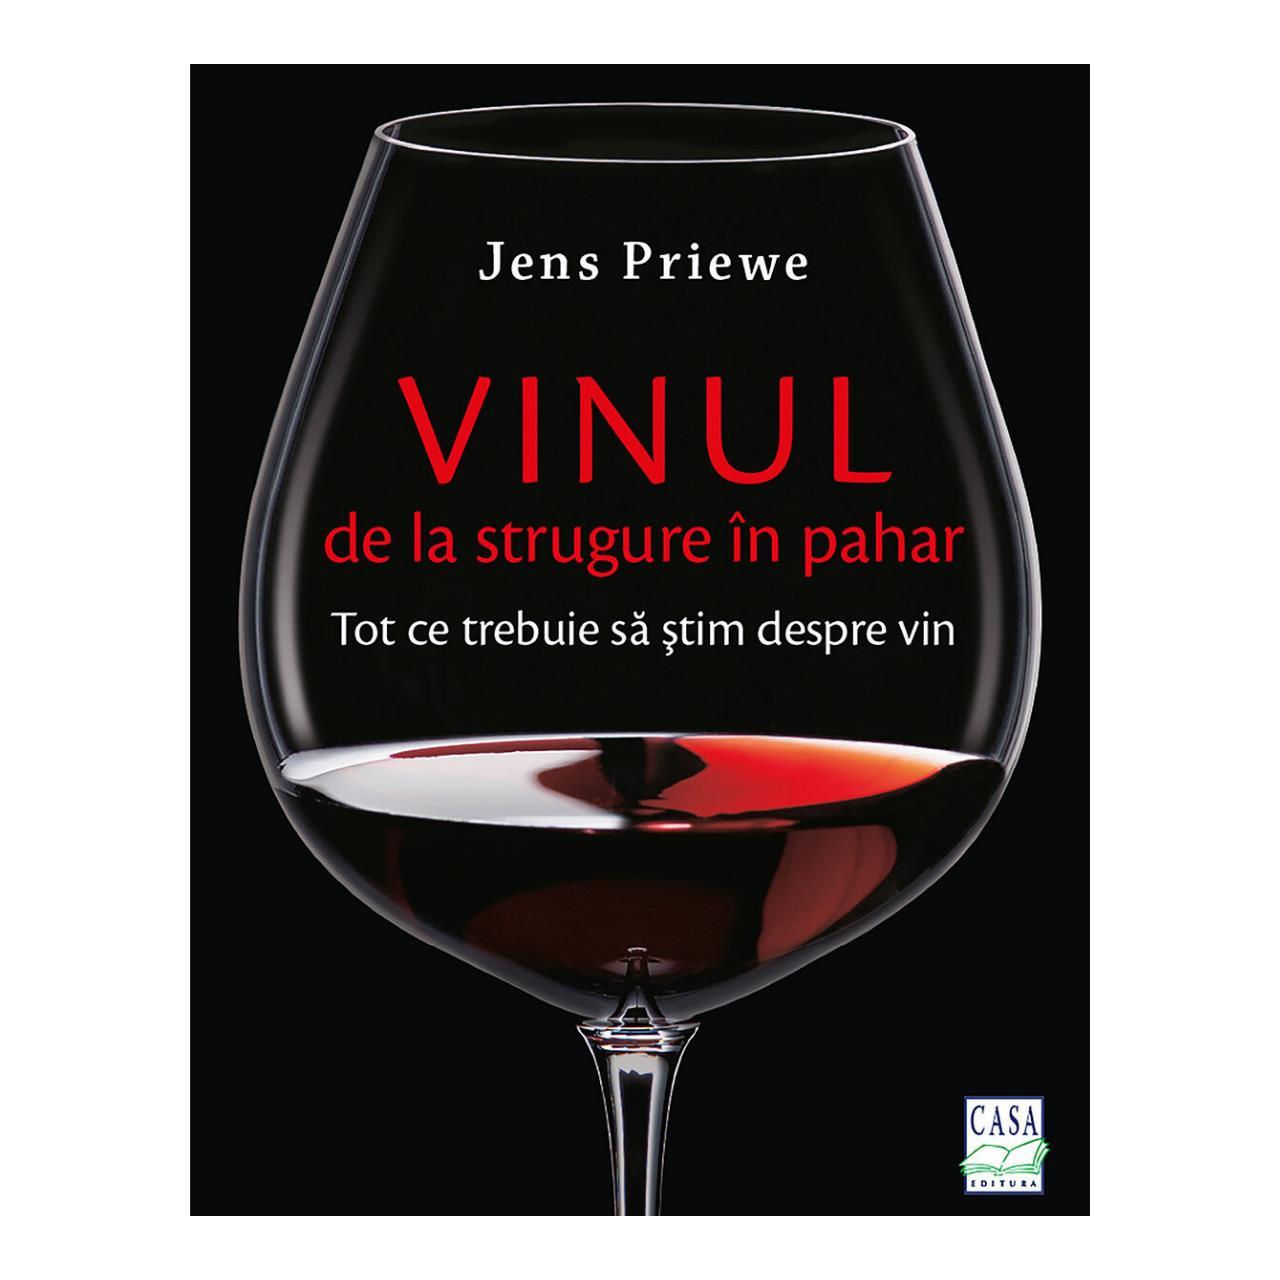 Vinul - de la strugure în pahar imagine edituracasa.ro